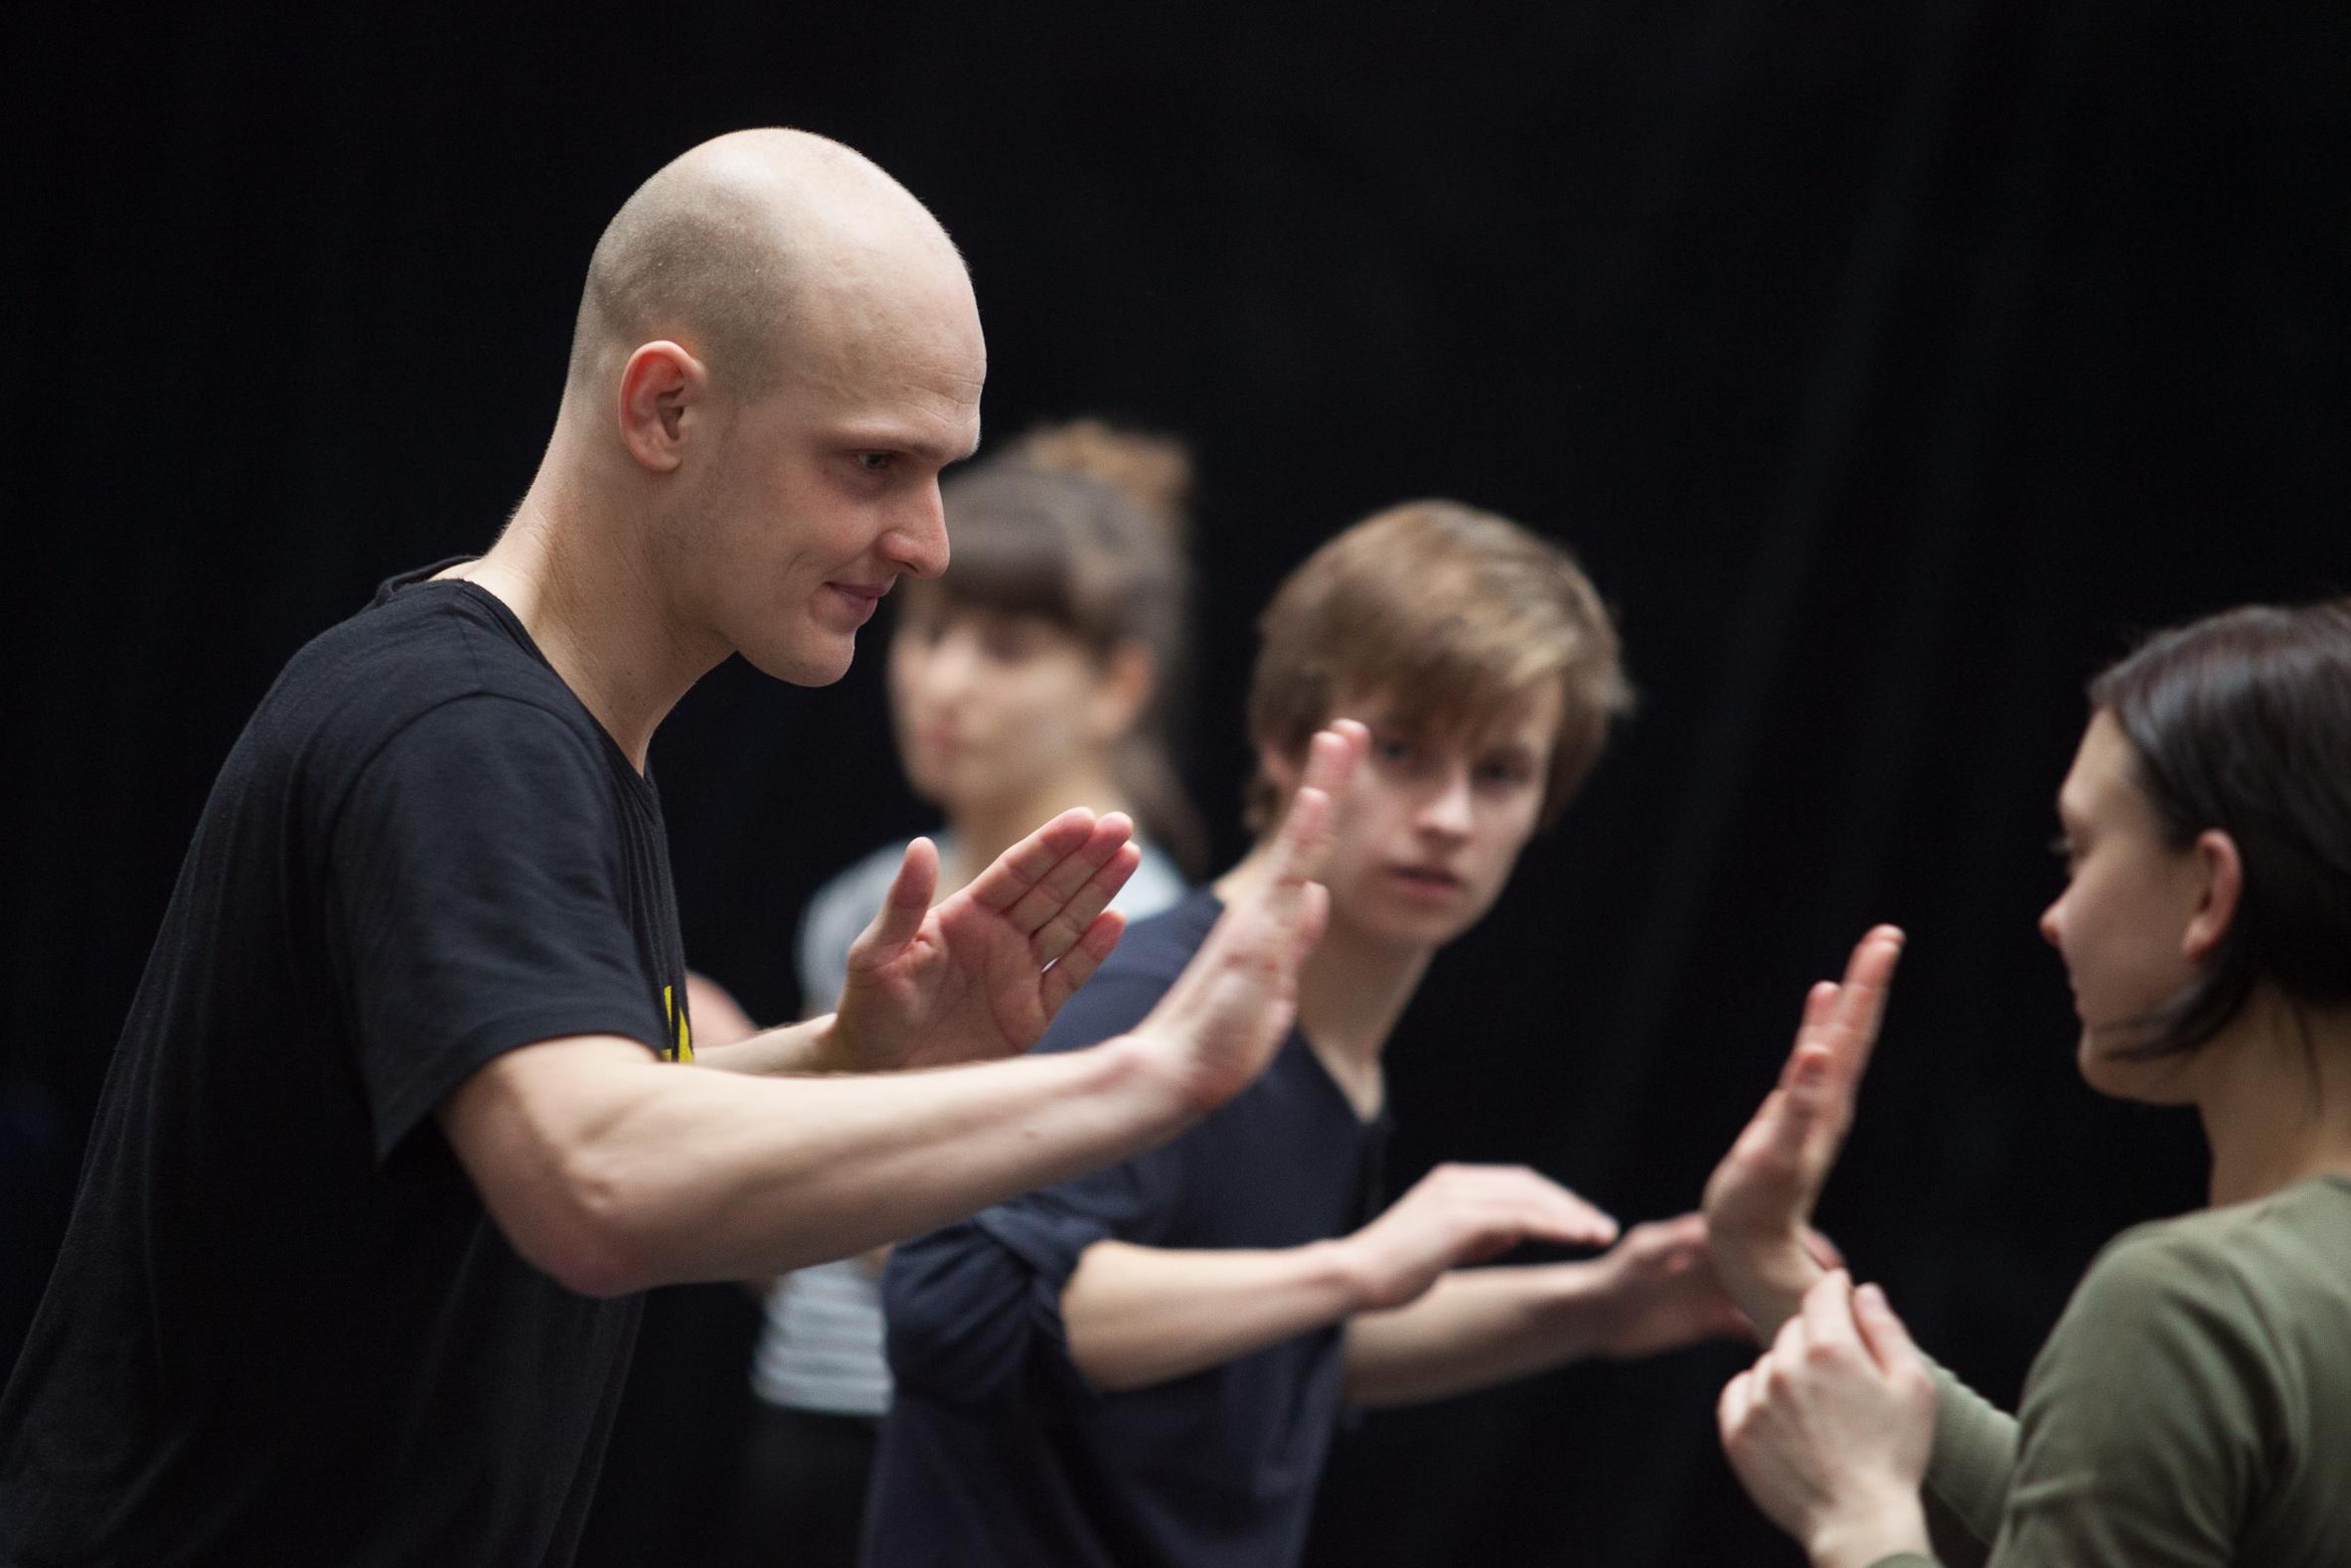 Jakub Zeman, Fighting Monkey